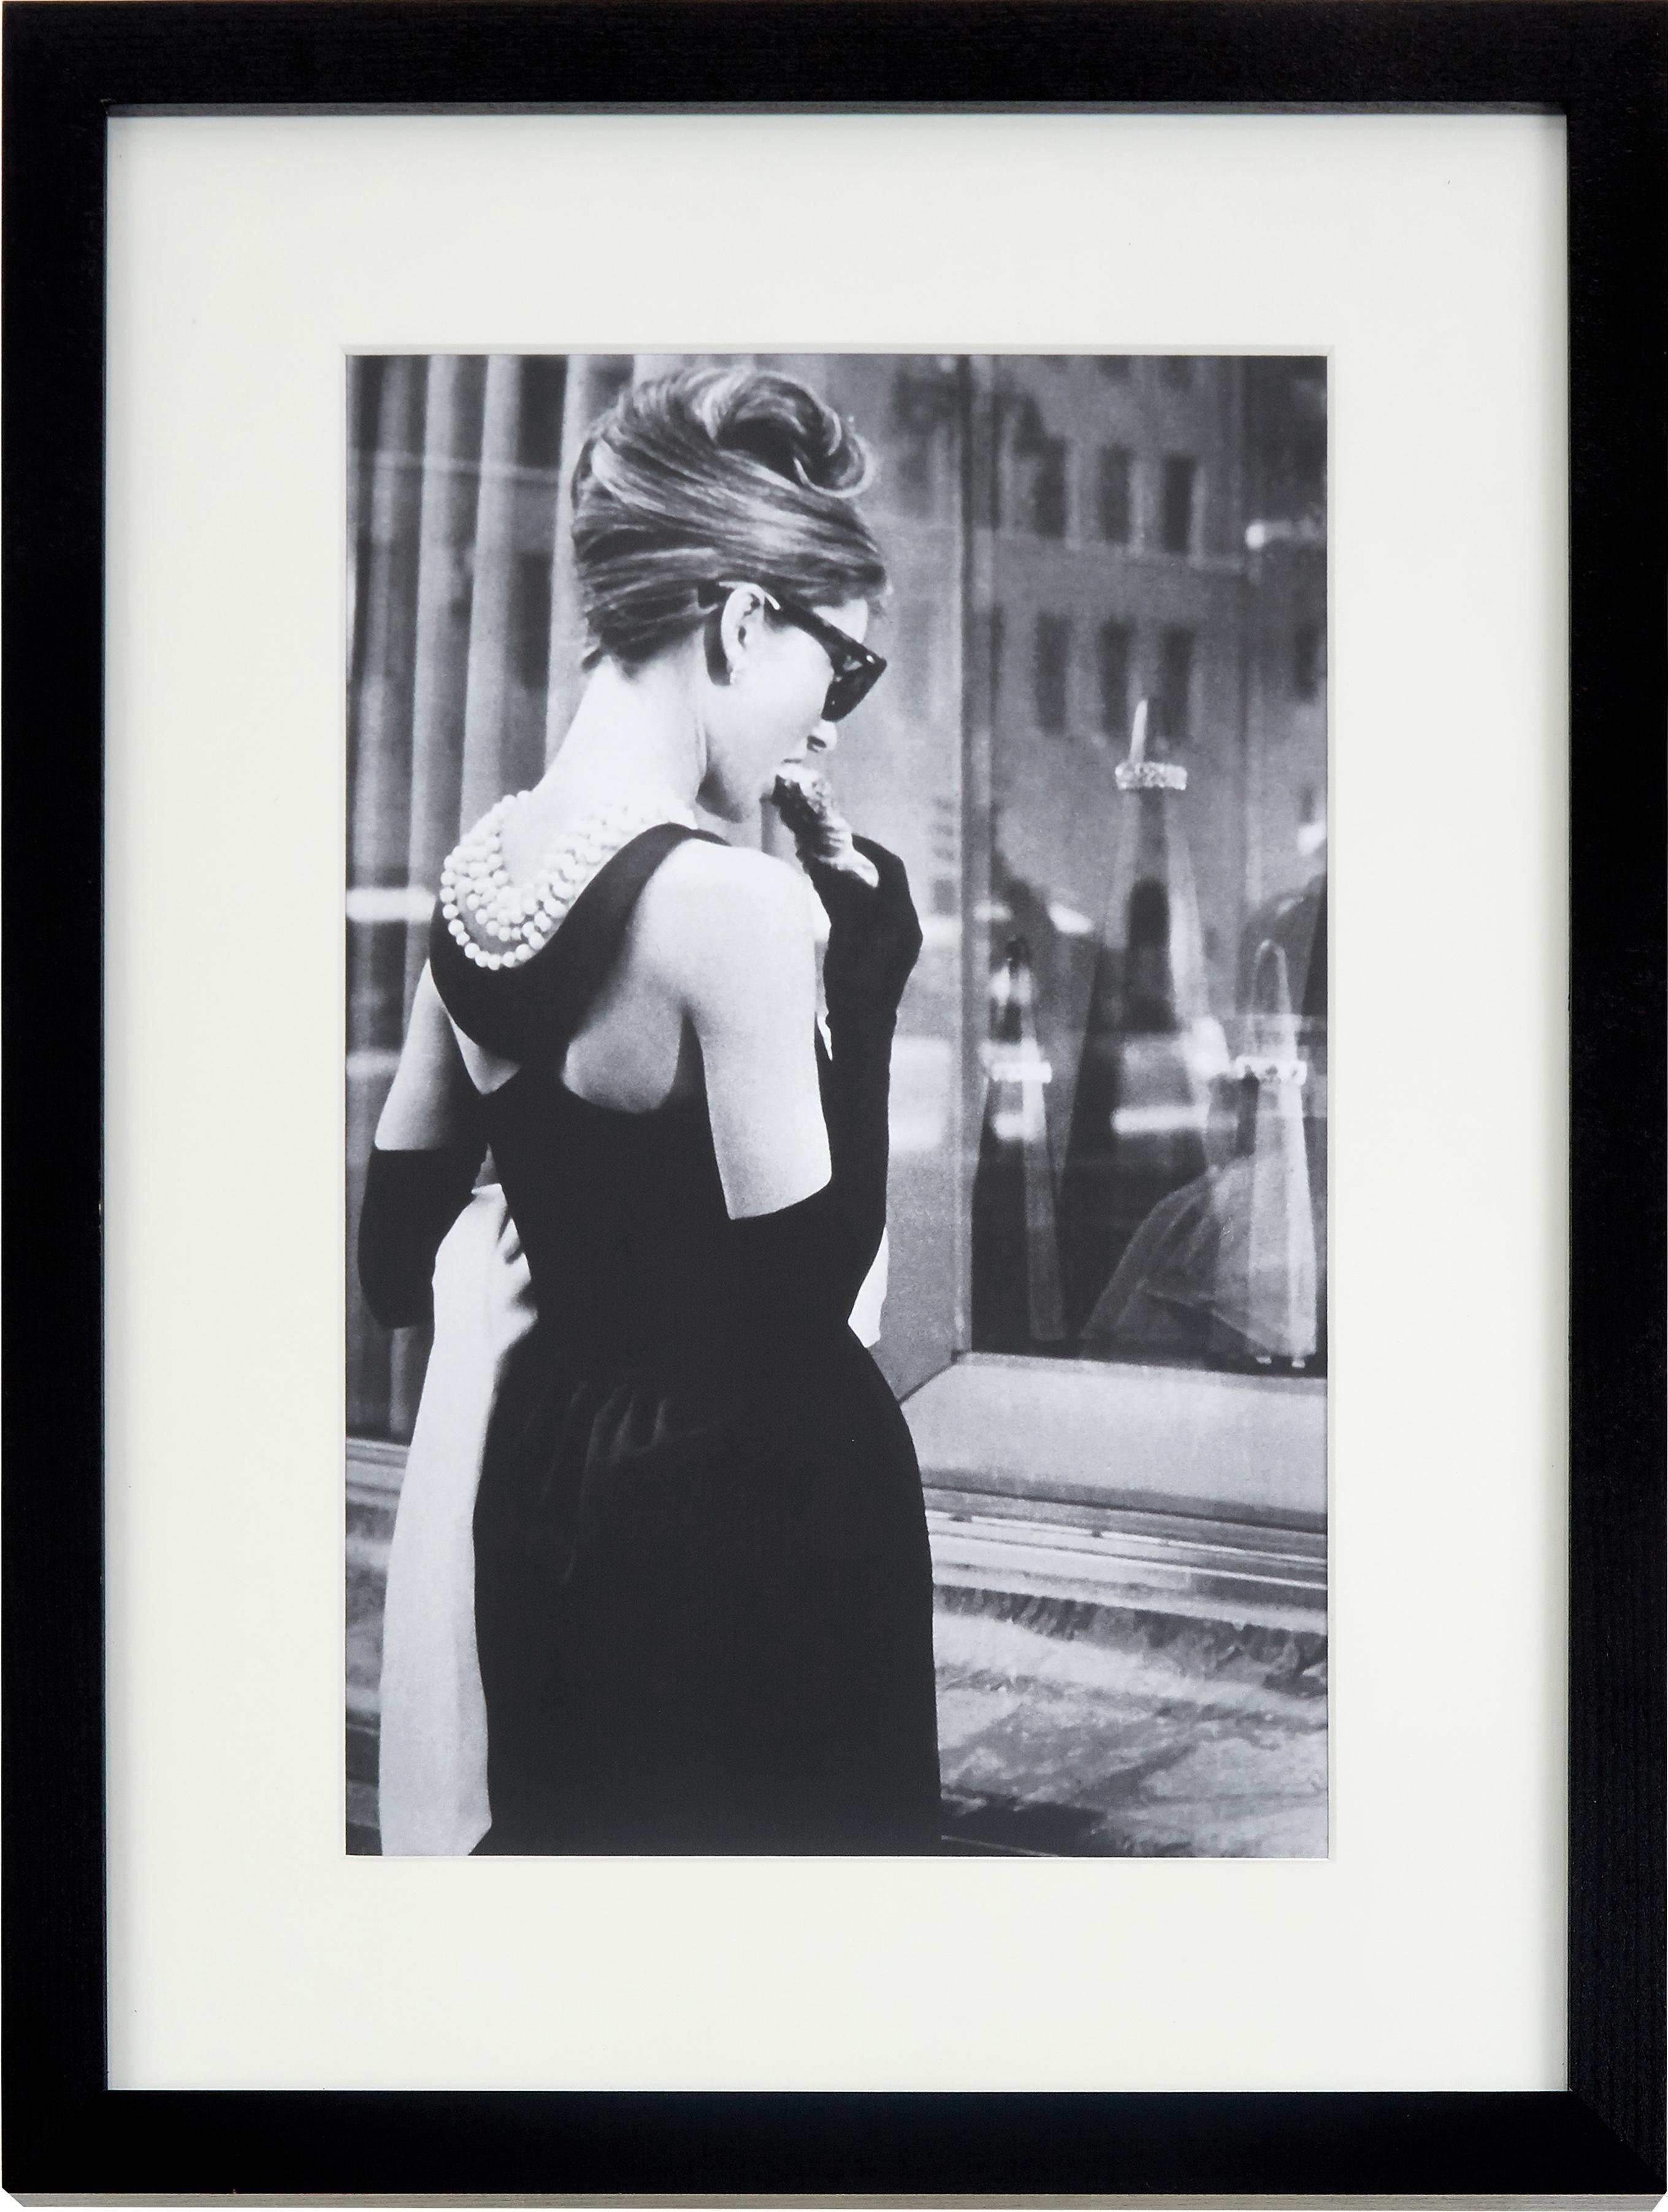 Gerahmter Digitaldruck Breakfast at Tiffany's, Bild: Digitaldruck auf Papier, , Rahmen: Holz, lackiert, Front: Plexiglas, Bild: Schwarz, Weiß Rahmen: Schwarz, 43 x 53 cm